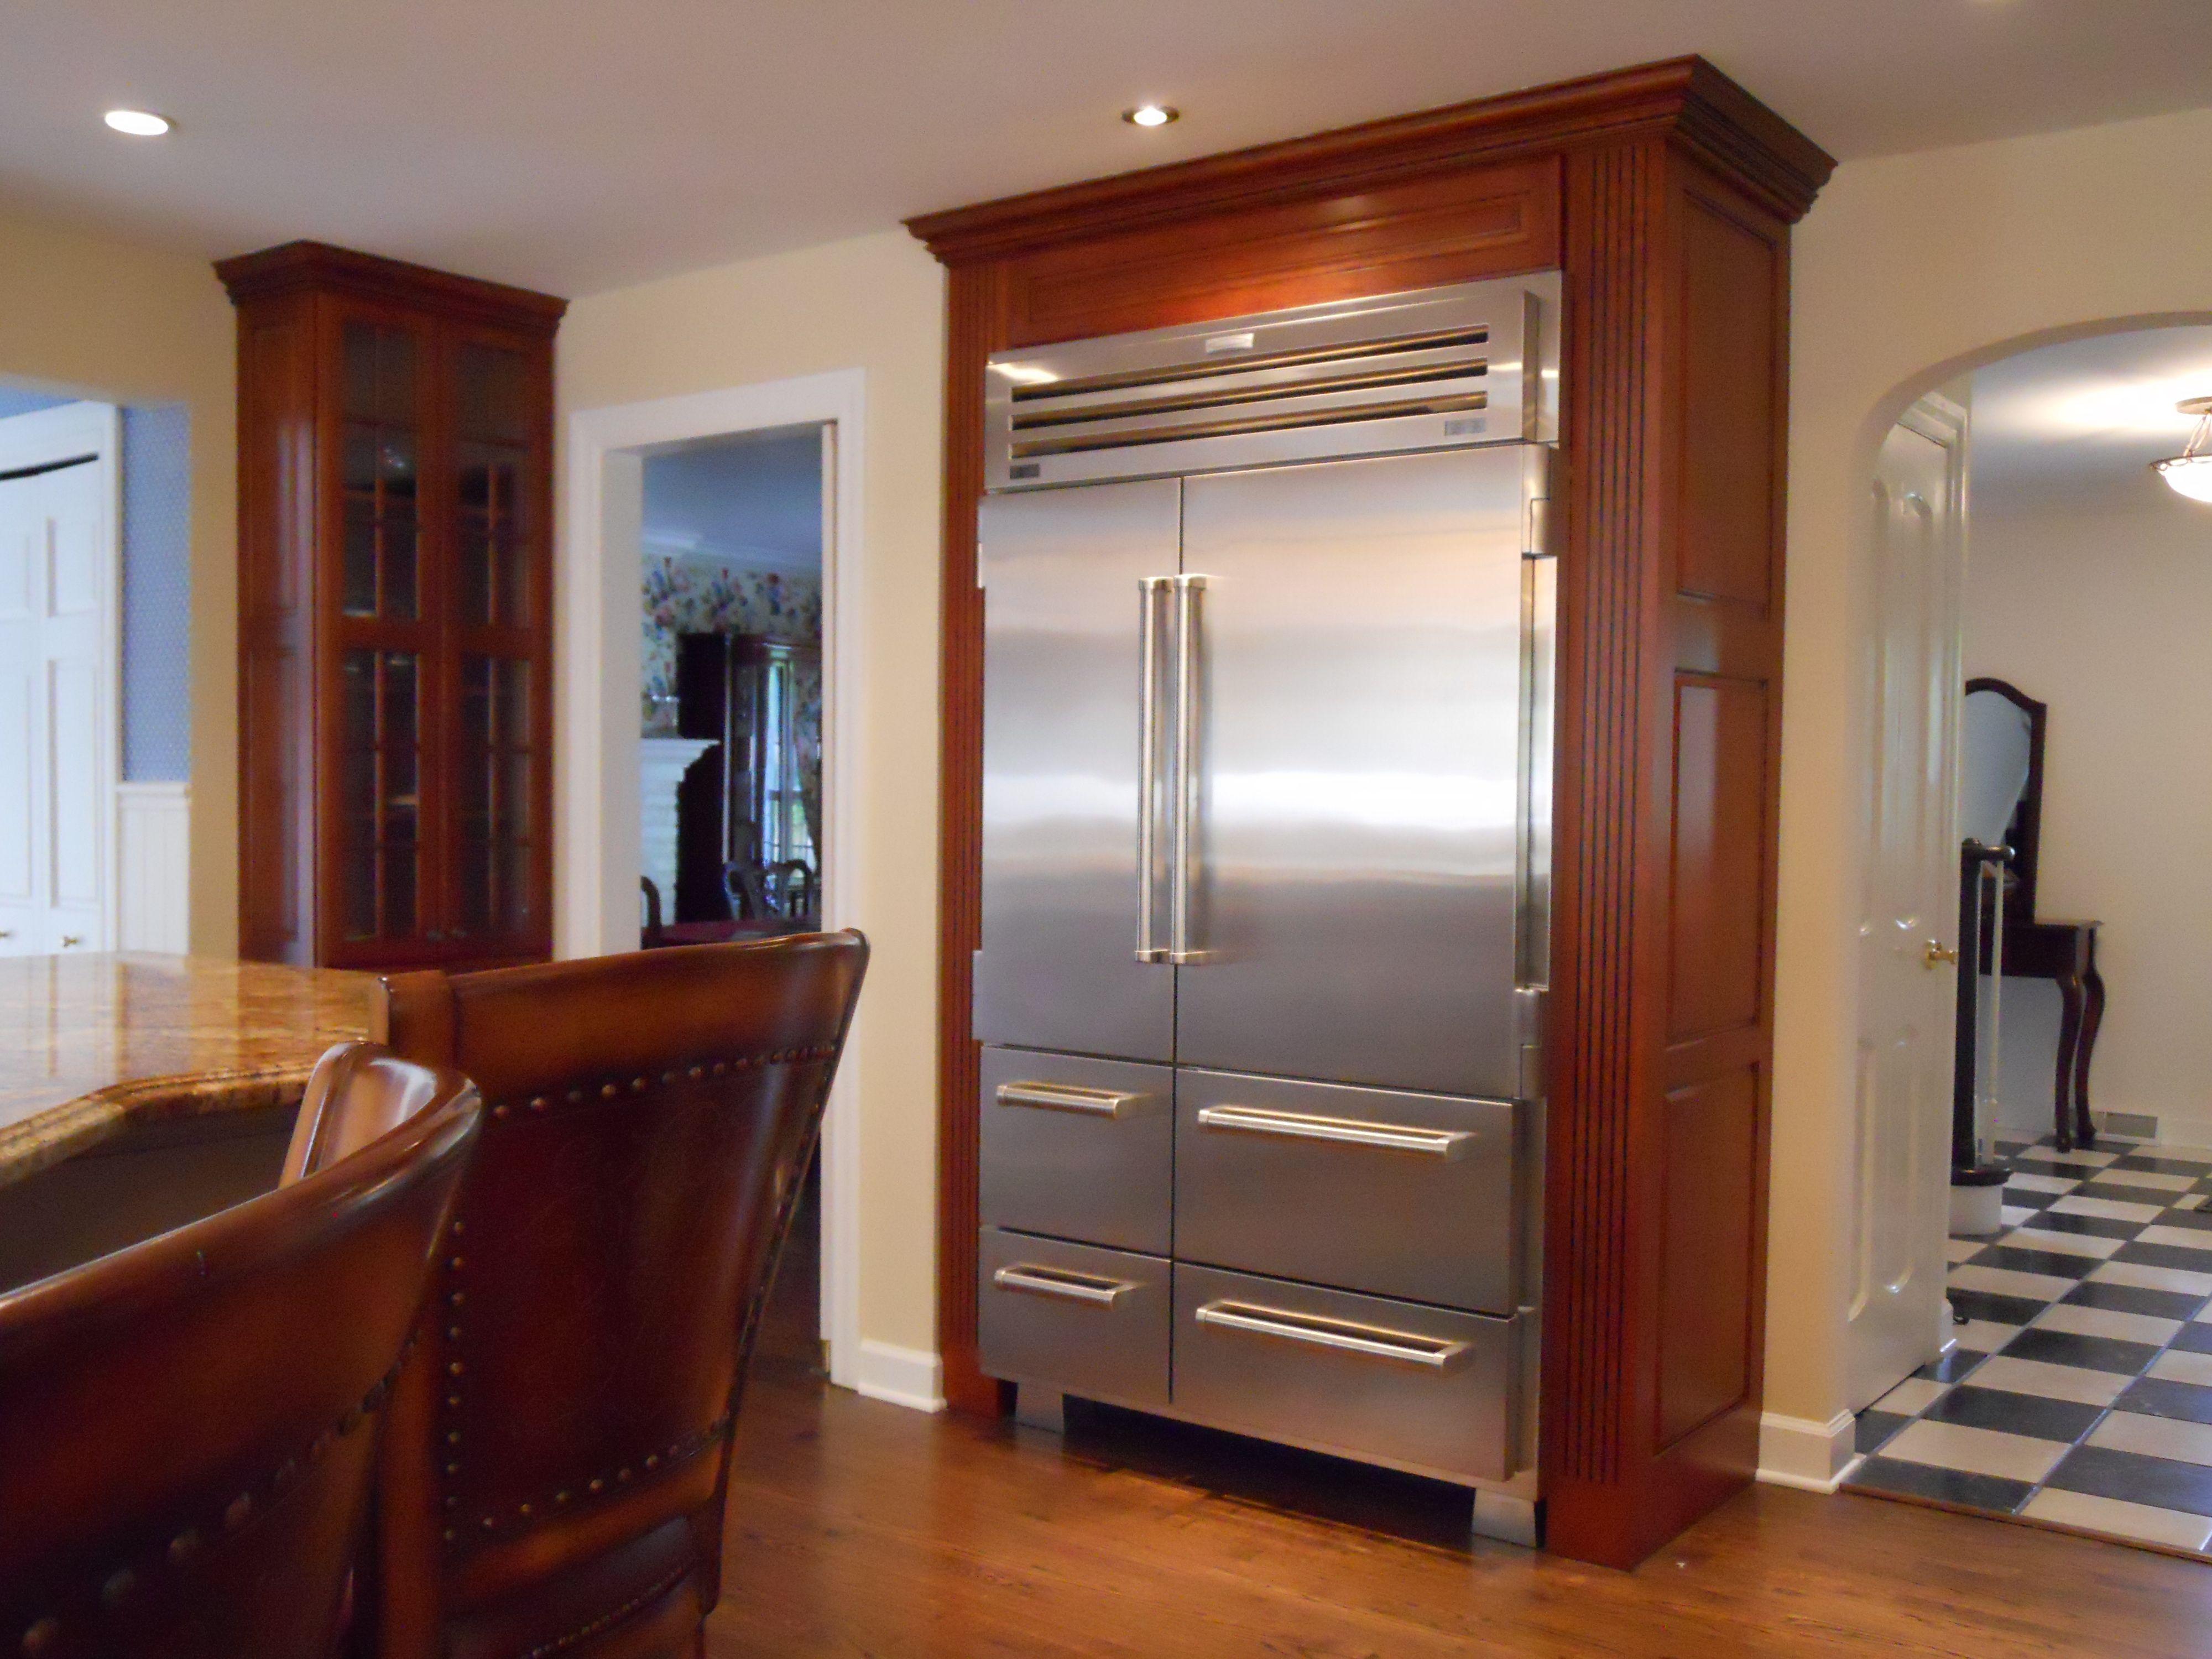 Sub Zero Pro 48 Home Appliances Home Decor Home